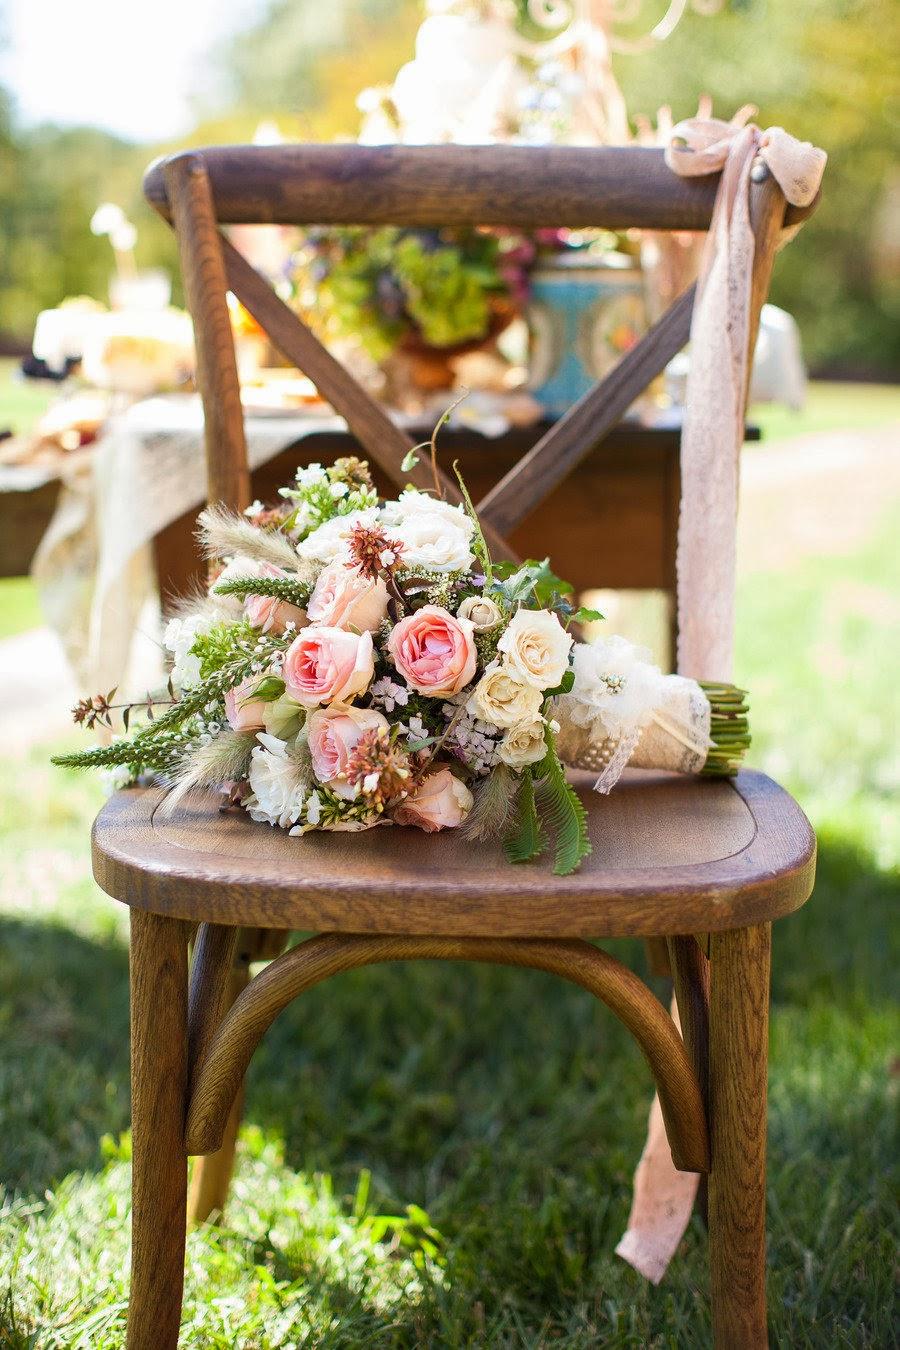 matrimonio Downton Abbey rete quattro 4 vestiti abiti gioielli